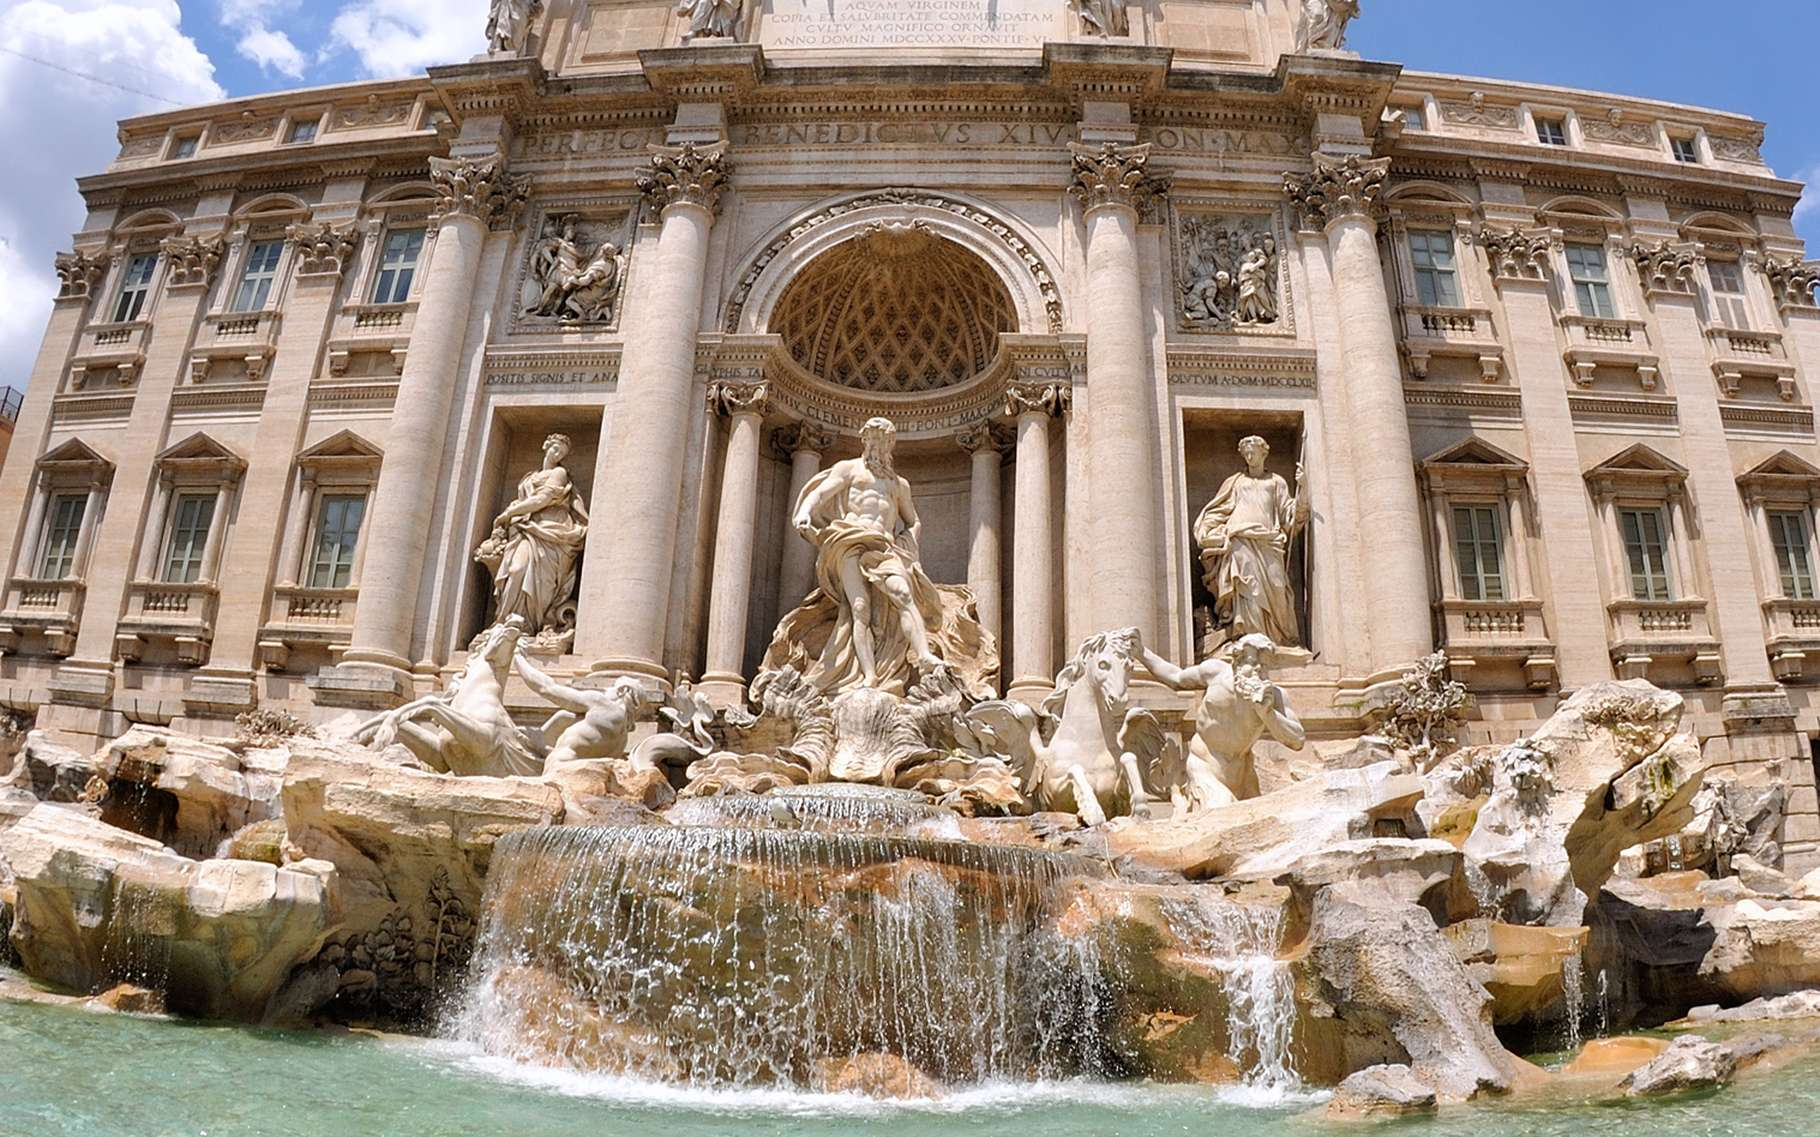 On ne visite pas l'Italie. On y voyage dans les paysages et dans l'histoire, dans le présent et dans la culture. La fontaine de Trevi est la plus célèbre de celles qui coulent à Rome. Mais il y en a bien d'autres à découvrir. © DR